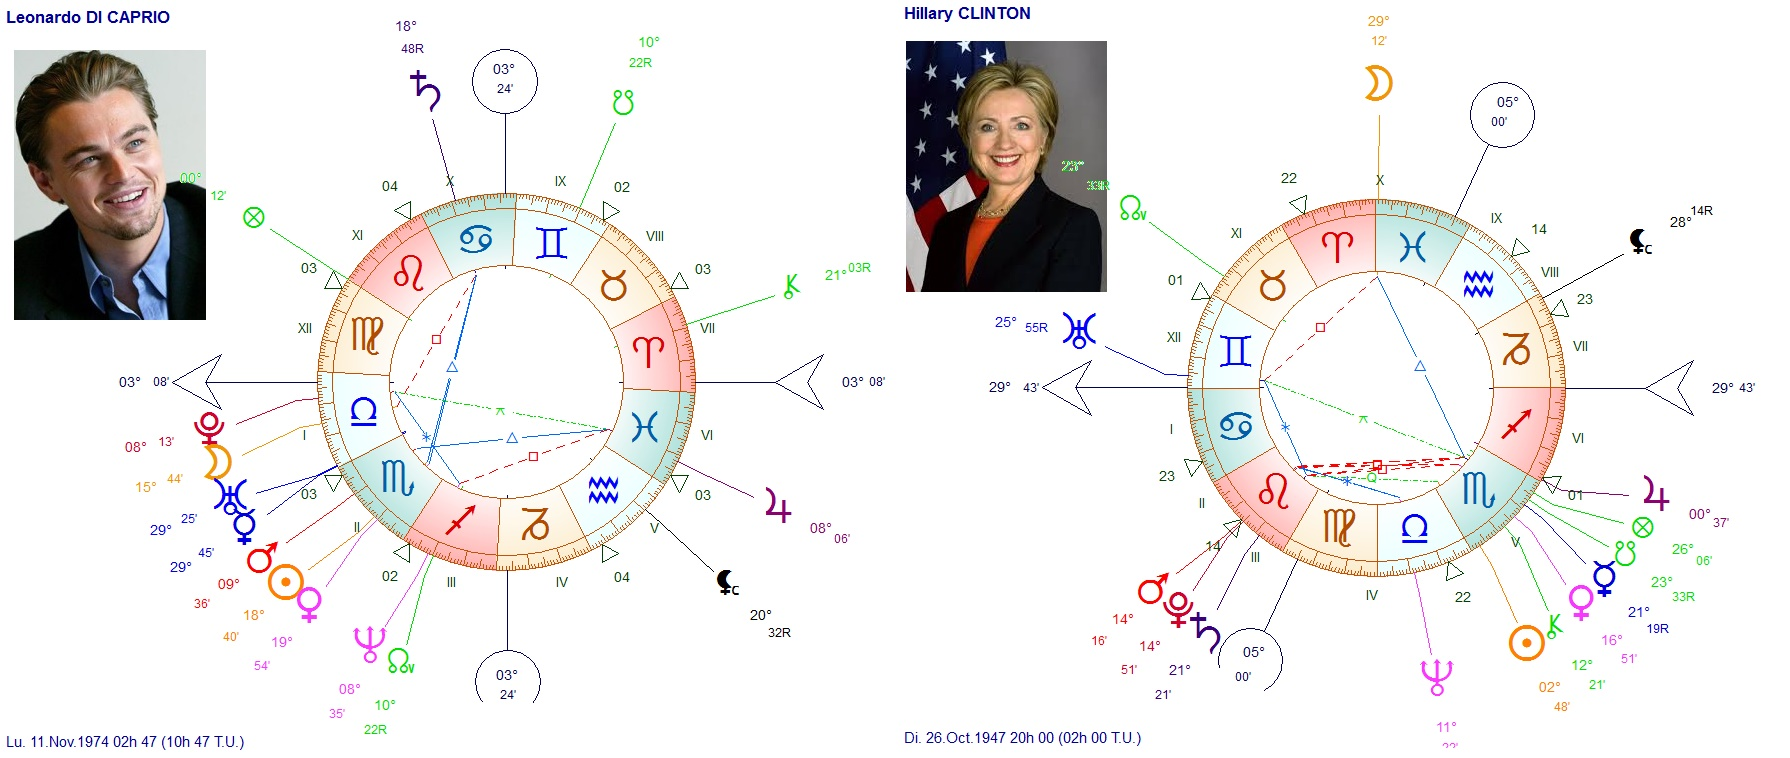 SCORPION Di Caprio et Hillary CLINTON